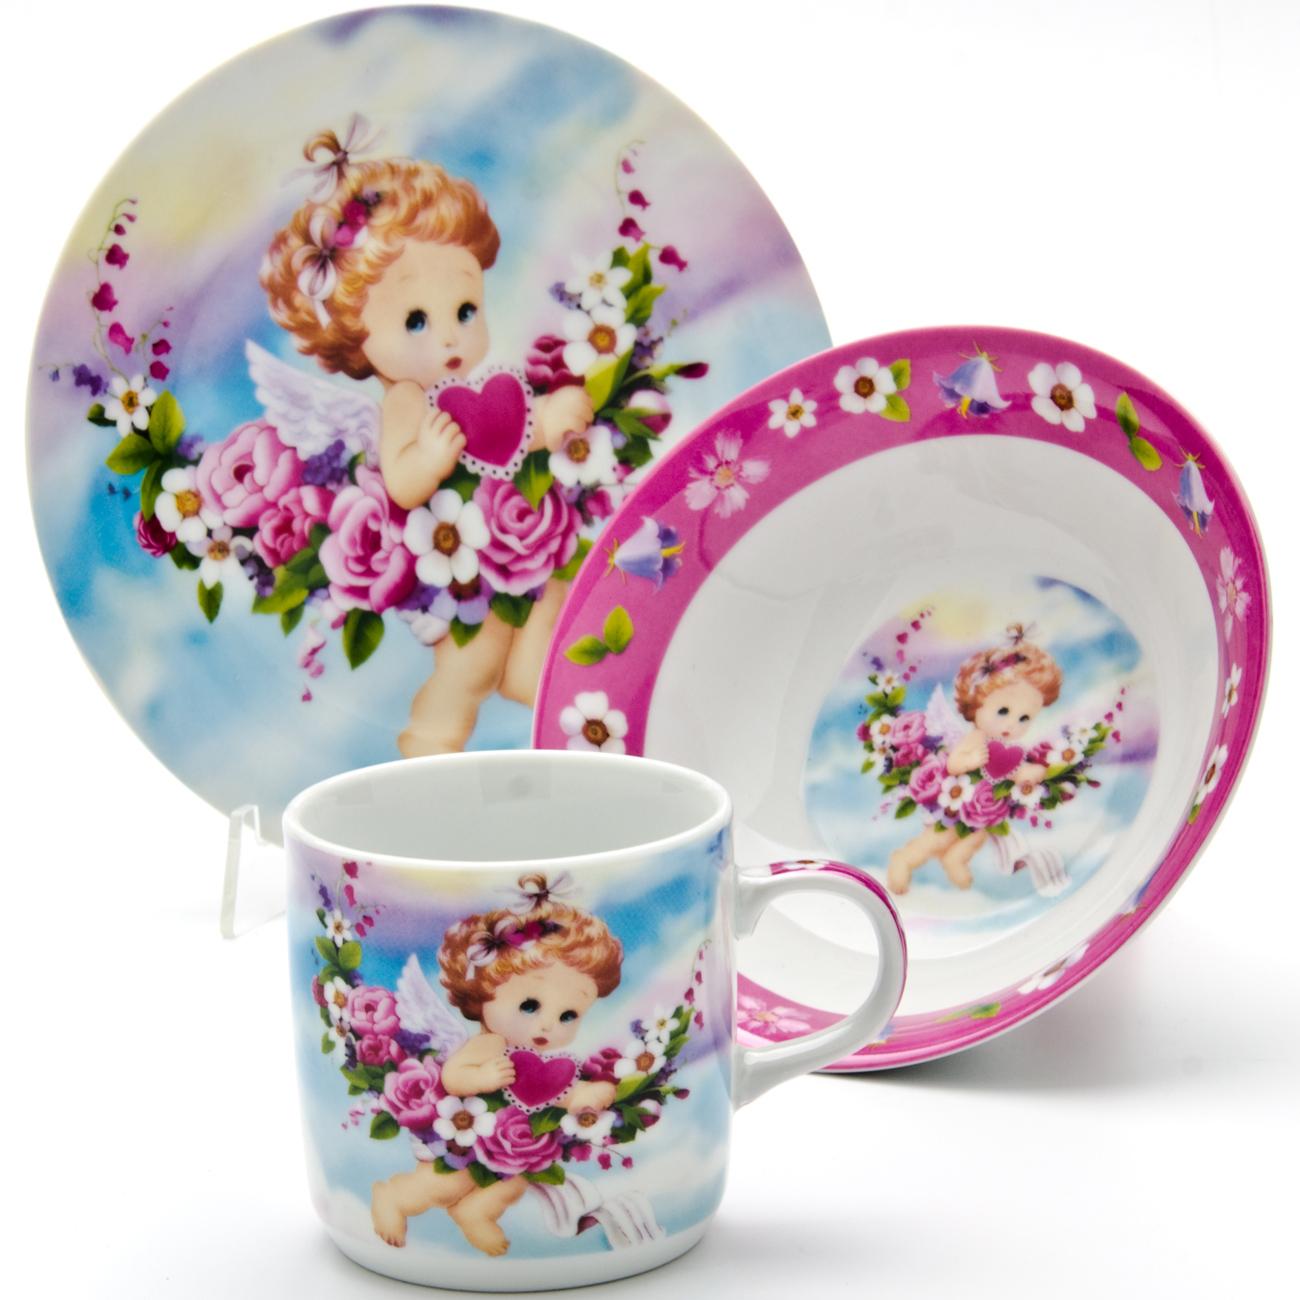 Набор посуды Loraine Ангел, 3 предмета115510Набор посуды Loraine сочетает в себе изысканный дизайн с максимальной функциональностью. В набор входят суповая тарелка, обеденная тарелка и кружка.Предметы набора выполнены из высококачественной керамики, декорированы красочным рисунком. Благодаря такому набору обед вашего ребенка будет еще вкуснее. Набор упакован в красочную, подарочную упаковку. Диаметр суповой тарелки: 15 см.Диаметр обеденной тарелки: 17,5 см.Объем кружки: 230 мл.